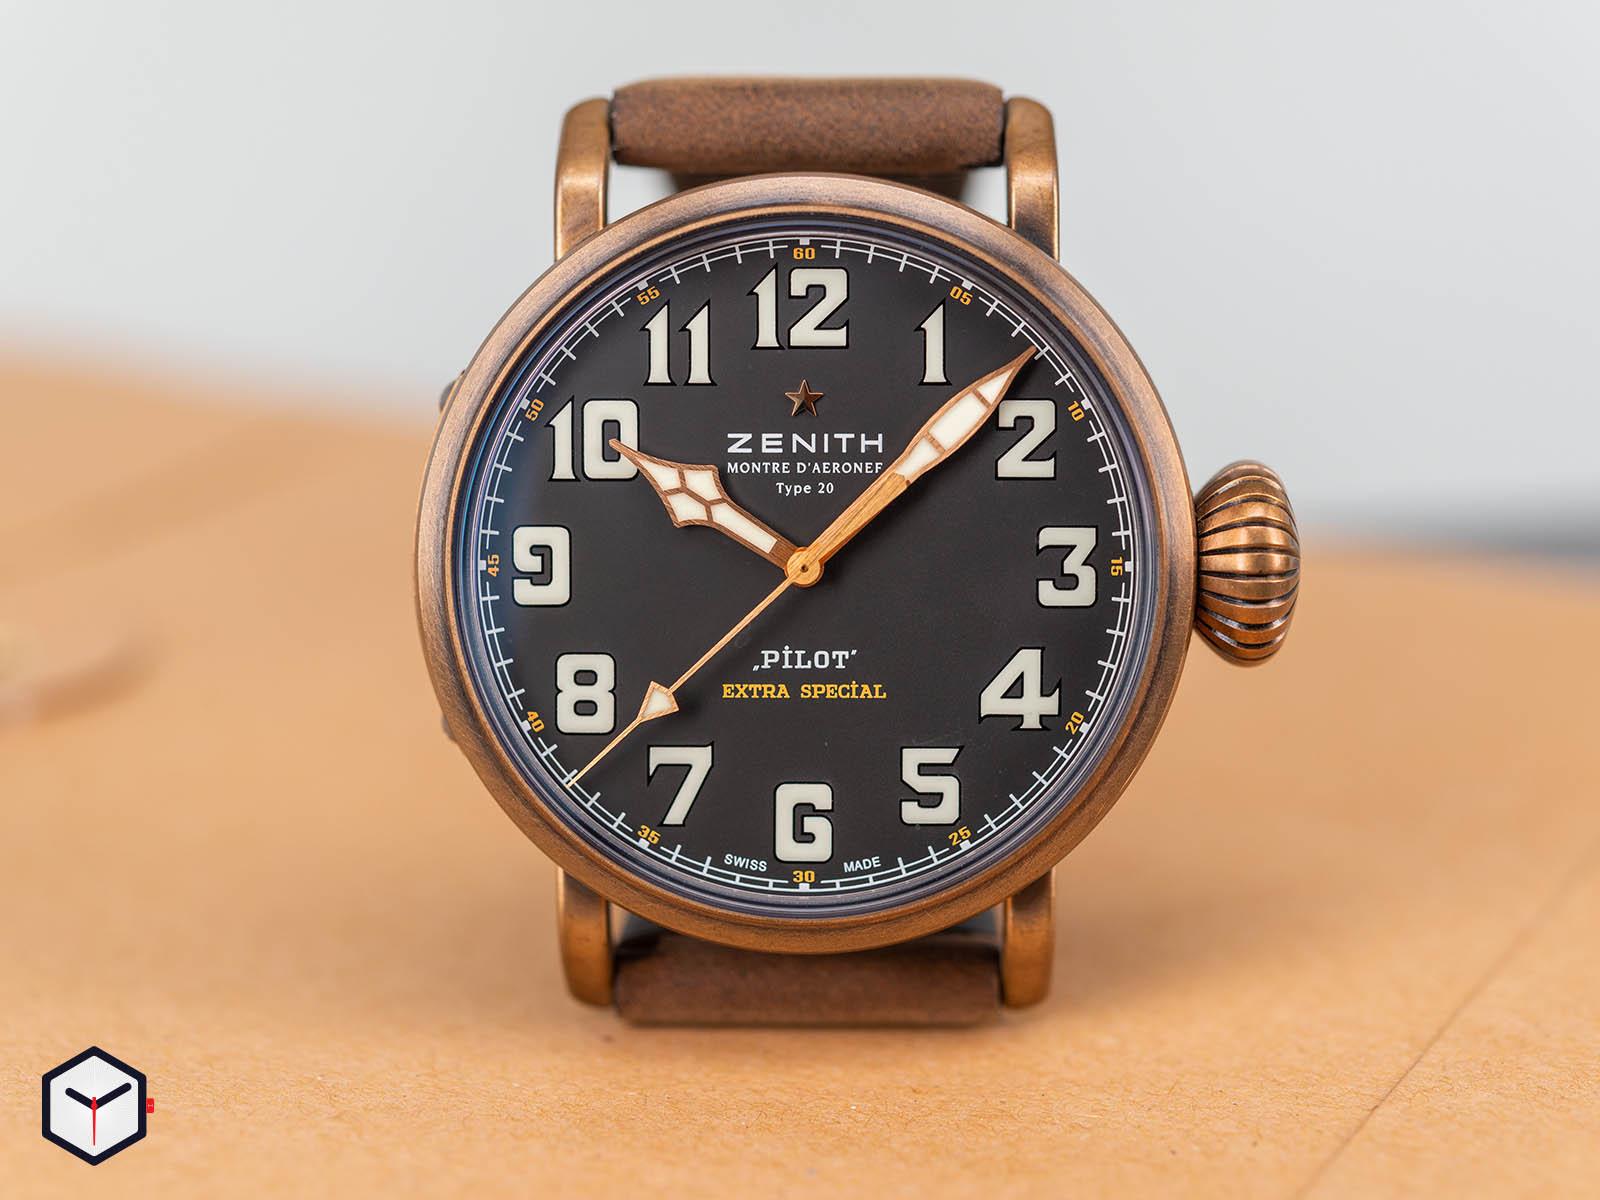 29-2430-679-21-c753-zenith-pilot-type-20-extra-special-bronze-2.jpg